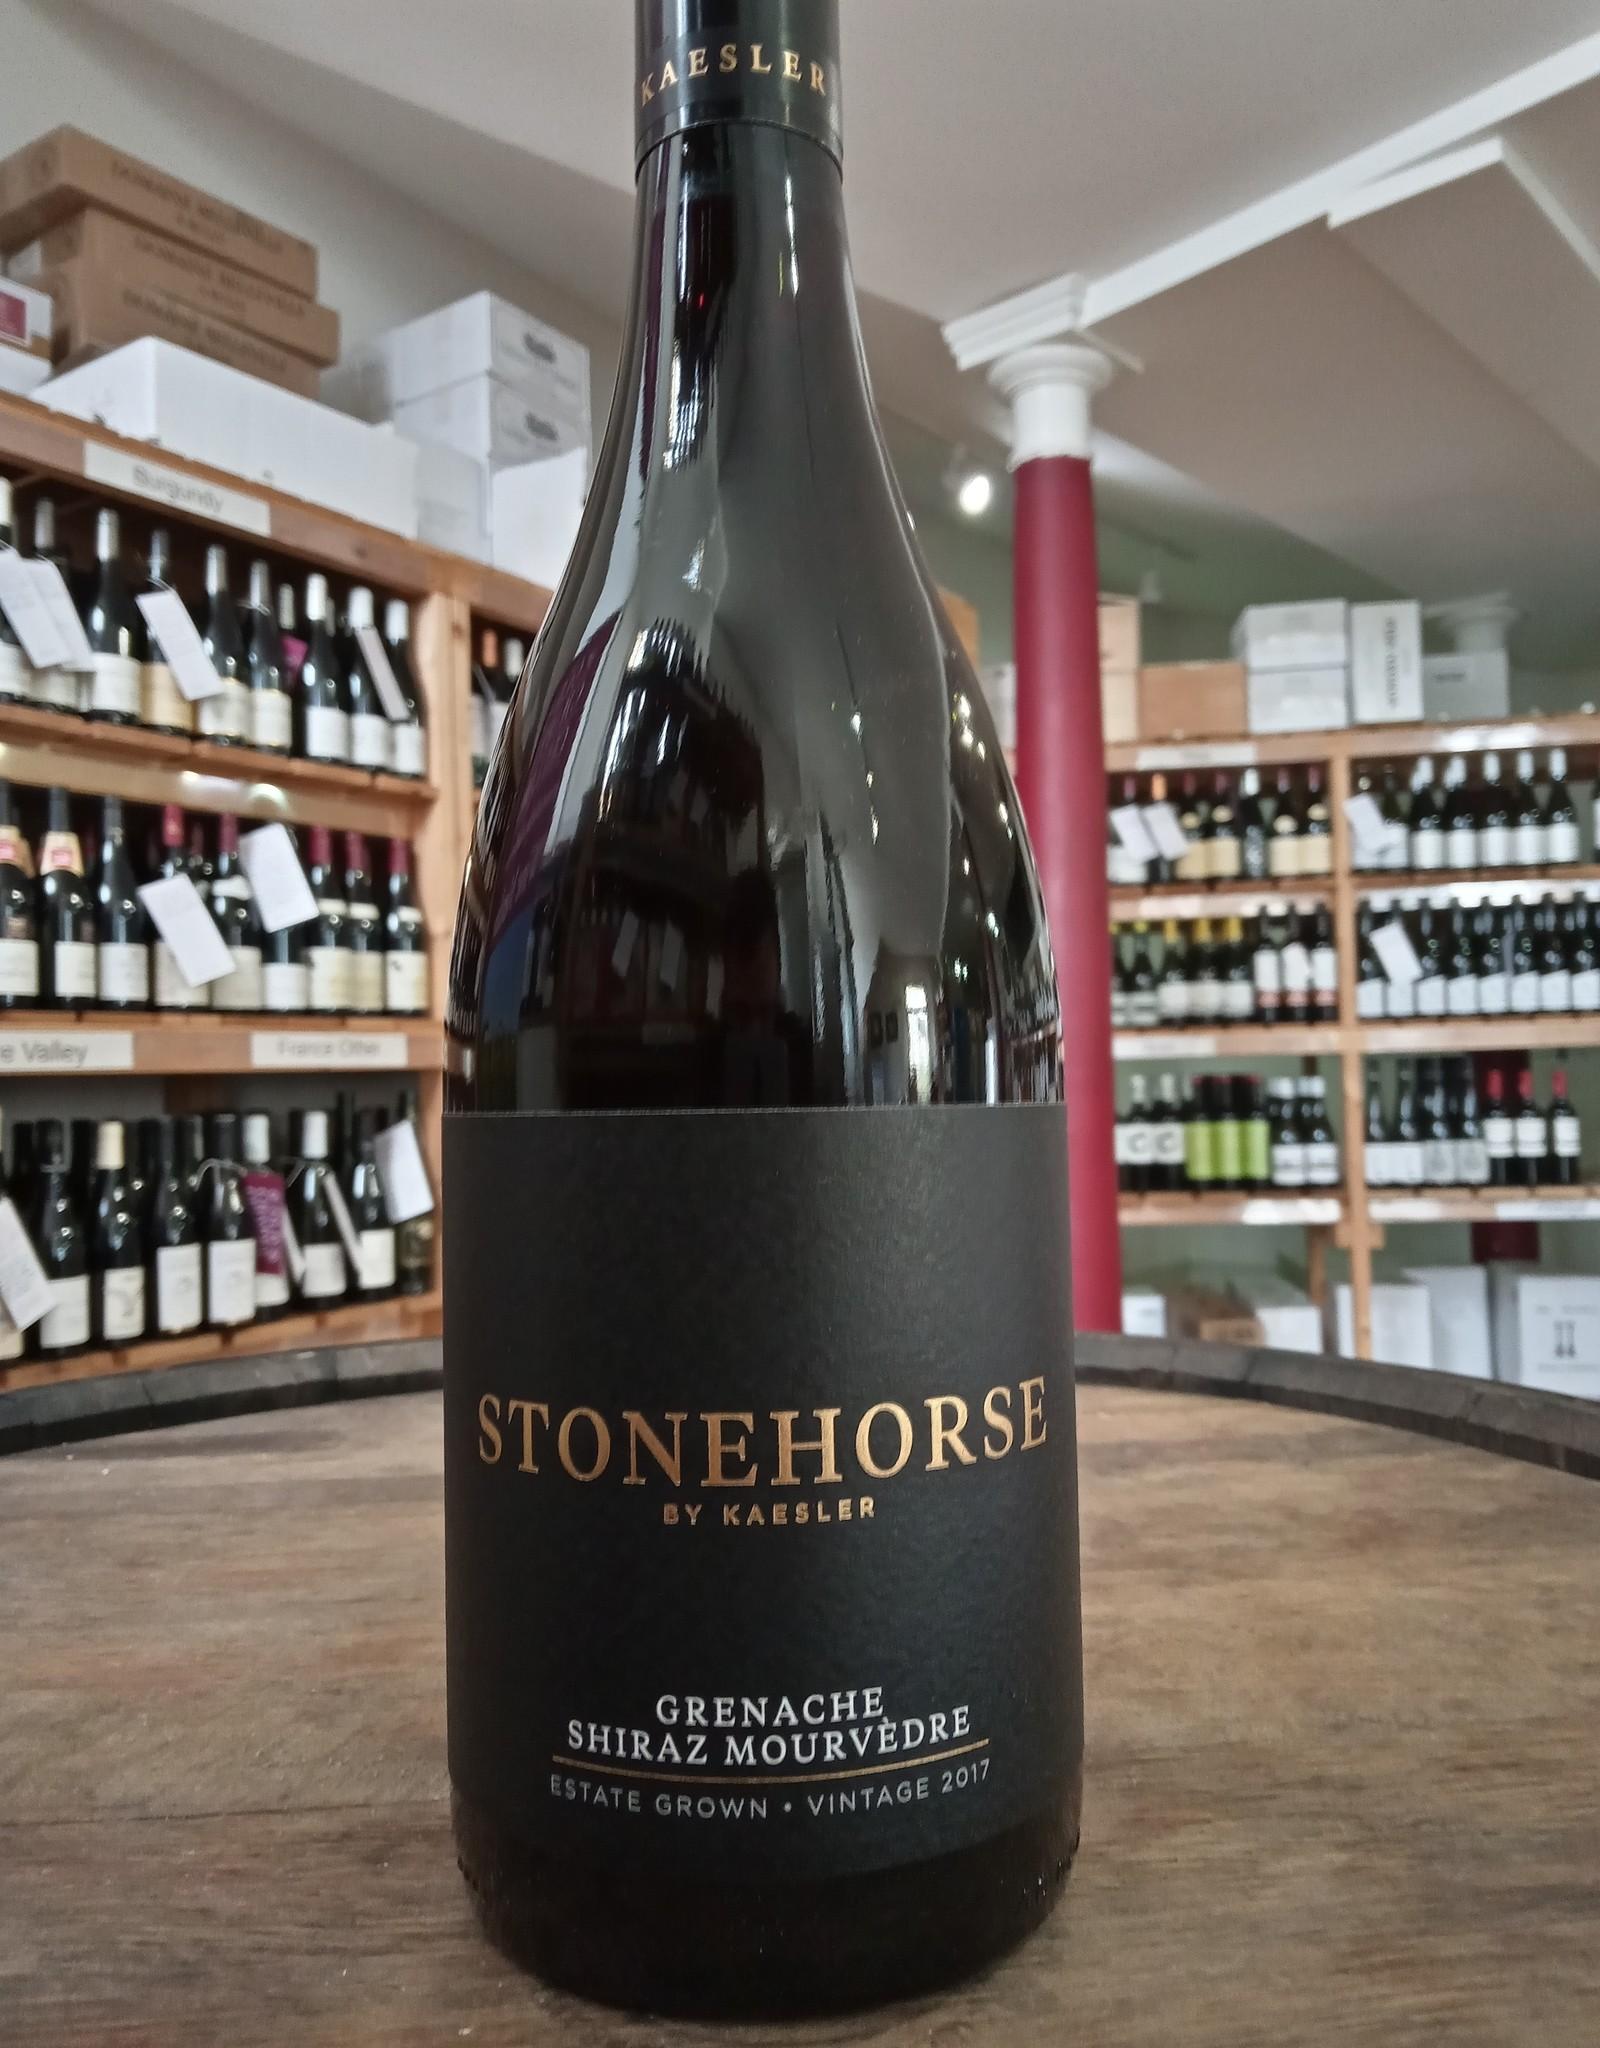 2017 Kaesler Stonehorse Grenache Shiraz Mourvedre